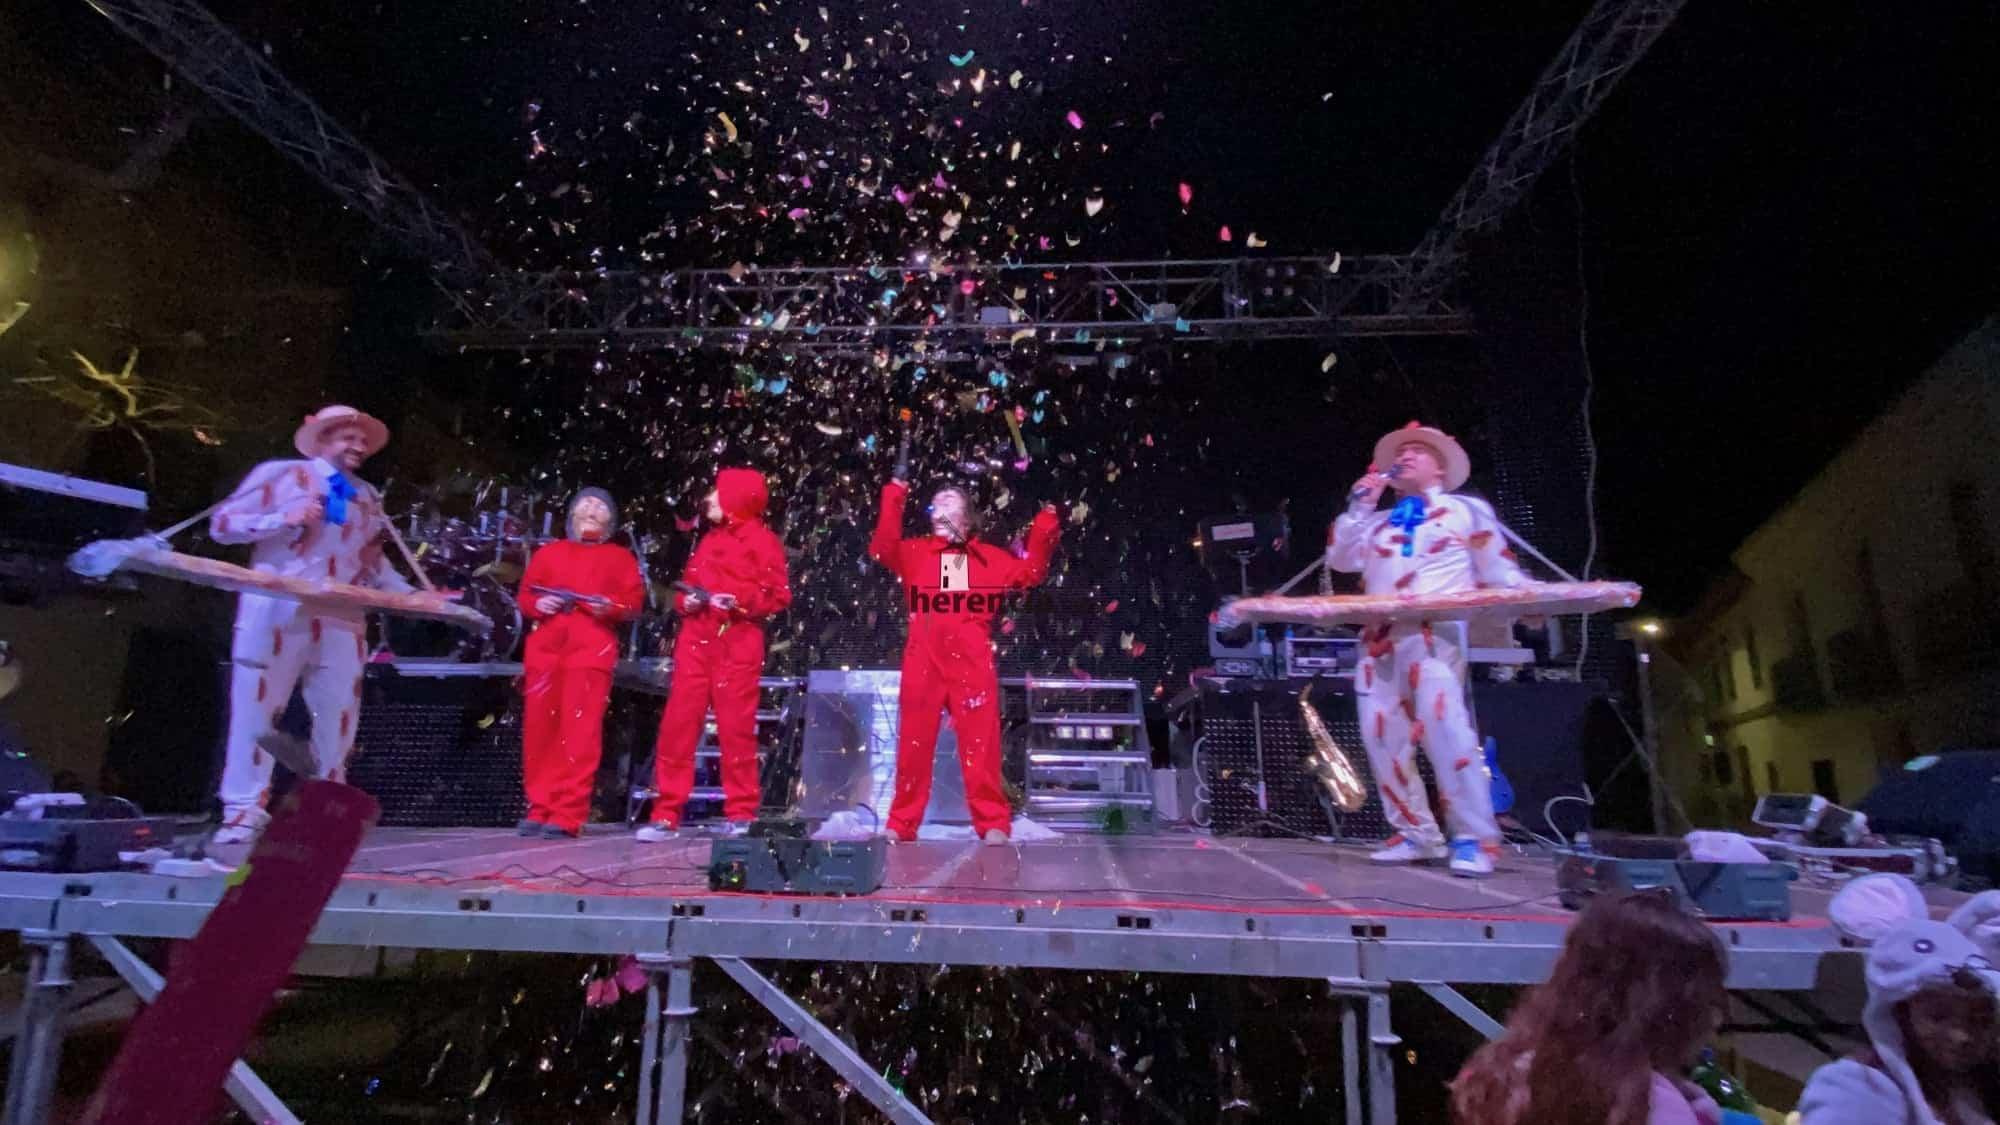 Inaugurado el Carnaval de Herencia 2020 con el Sábado de los Ansiosos 30